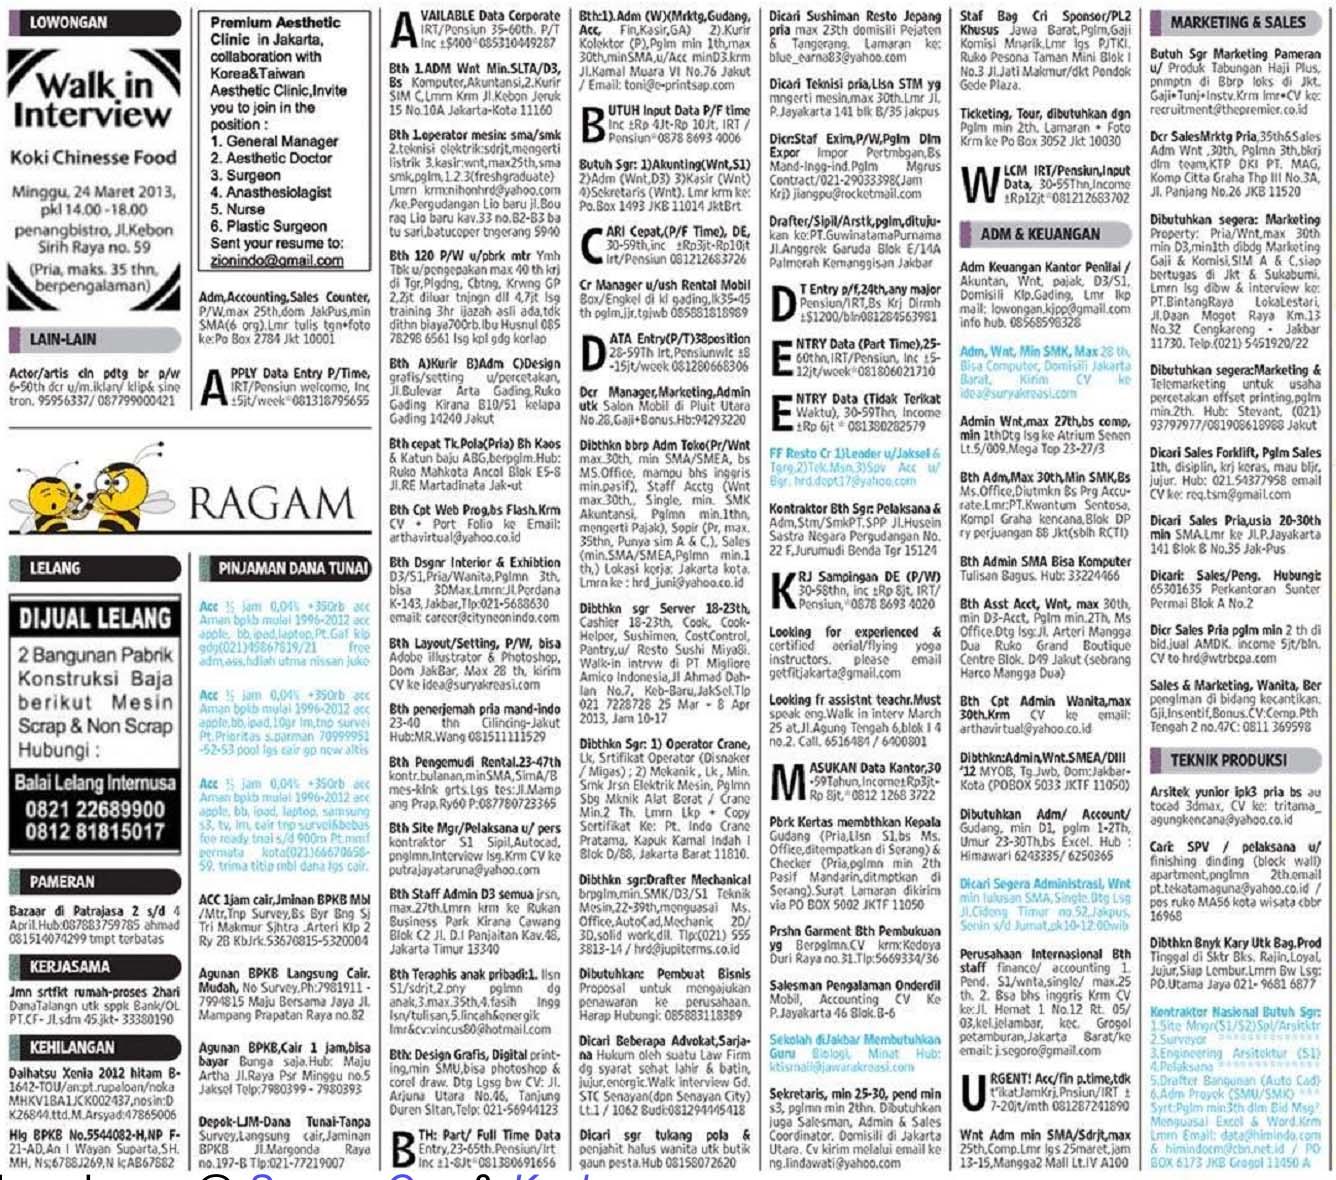 Lowongan Kerja Perawat Depok Maret 2013 Info Terbaru 2016 Info Harian Terbaru Berikut Lowongan Kerja Yang Dimuat Di Koran Kompas Senin Selasa Rabu